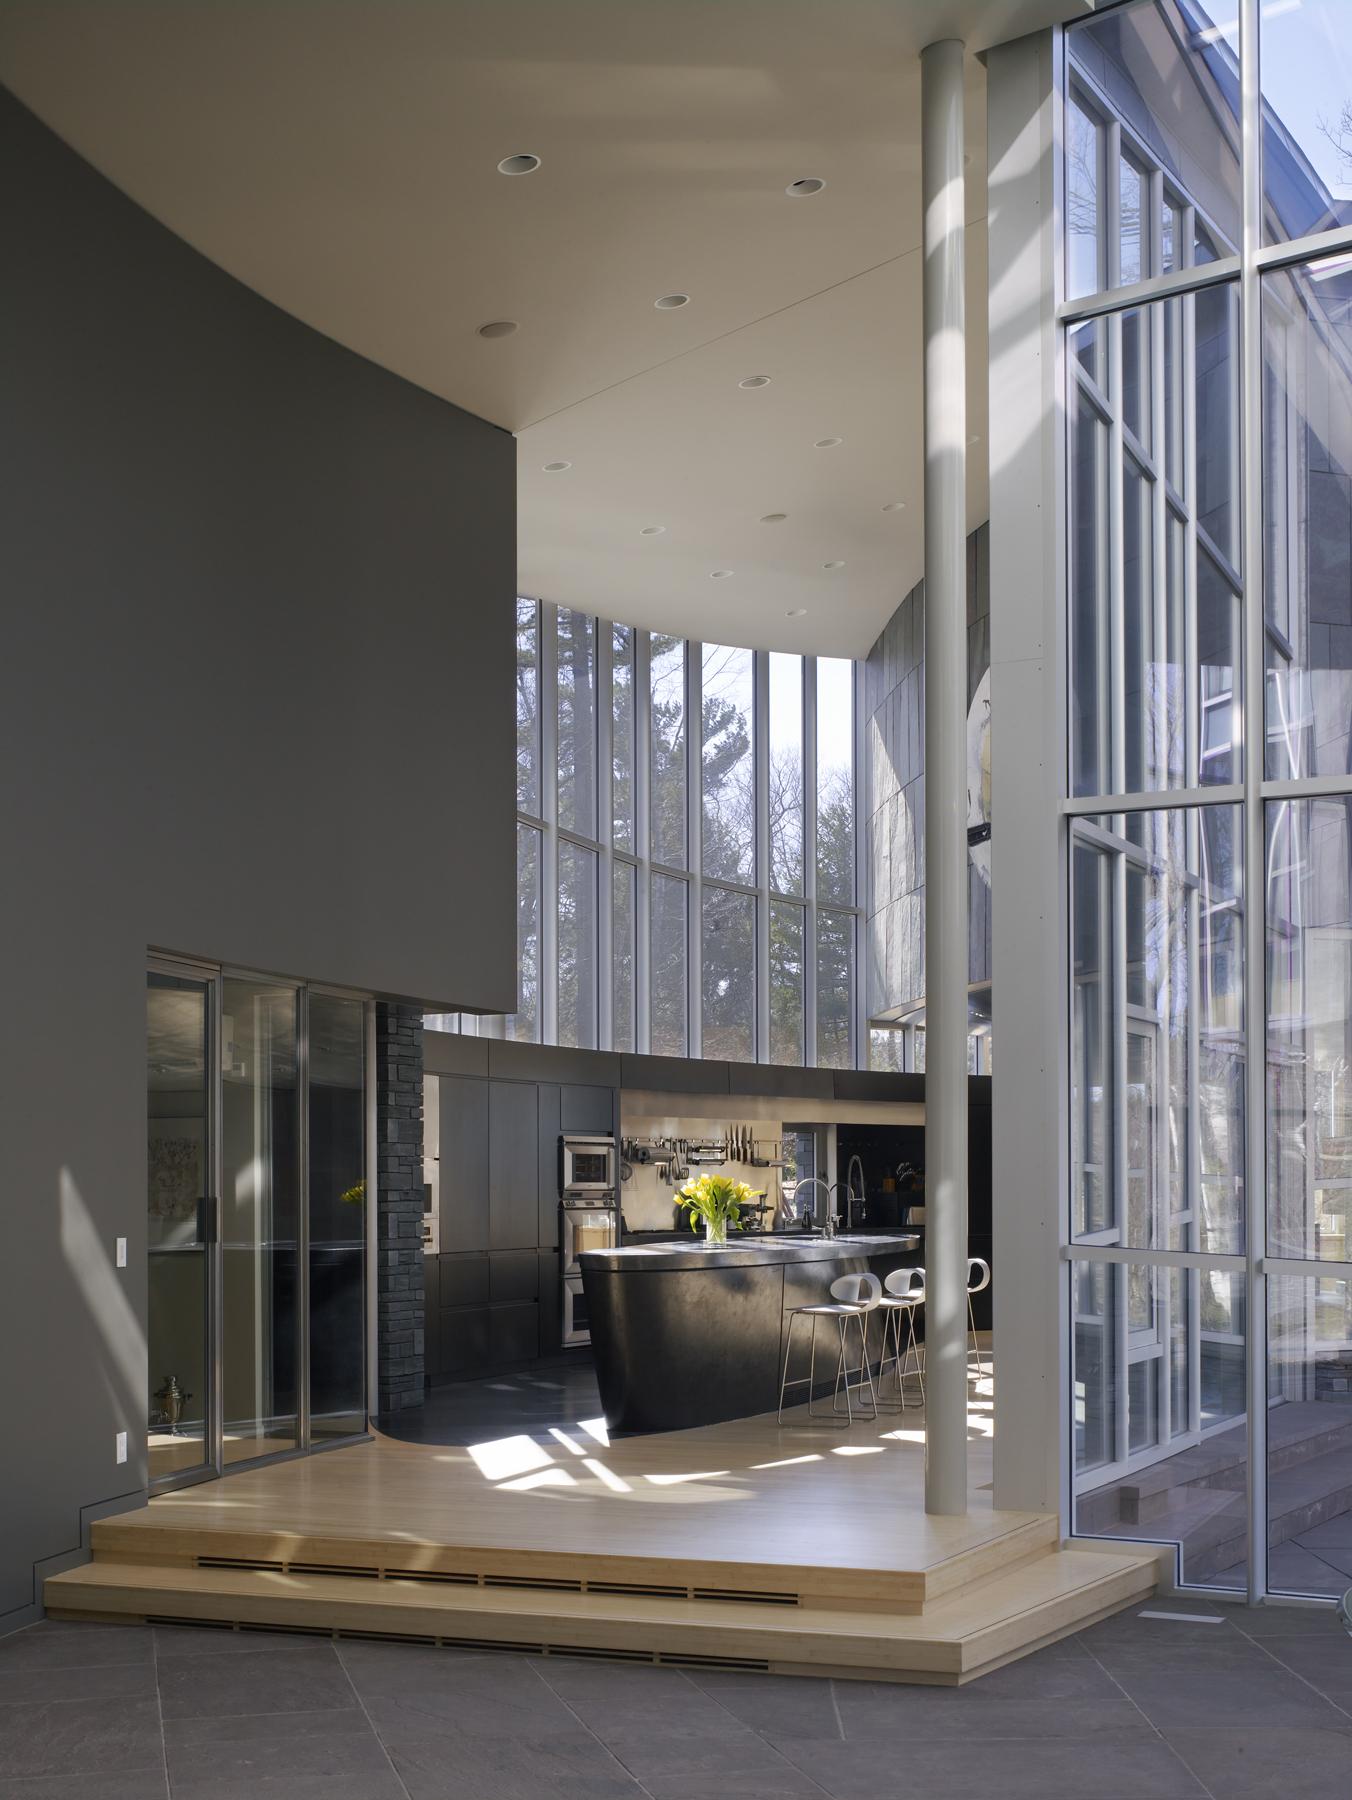 int-kitchen_131.jpg